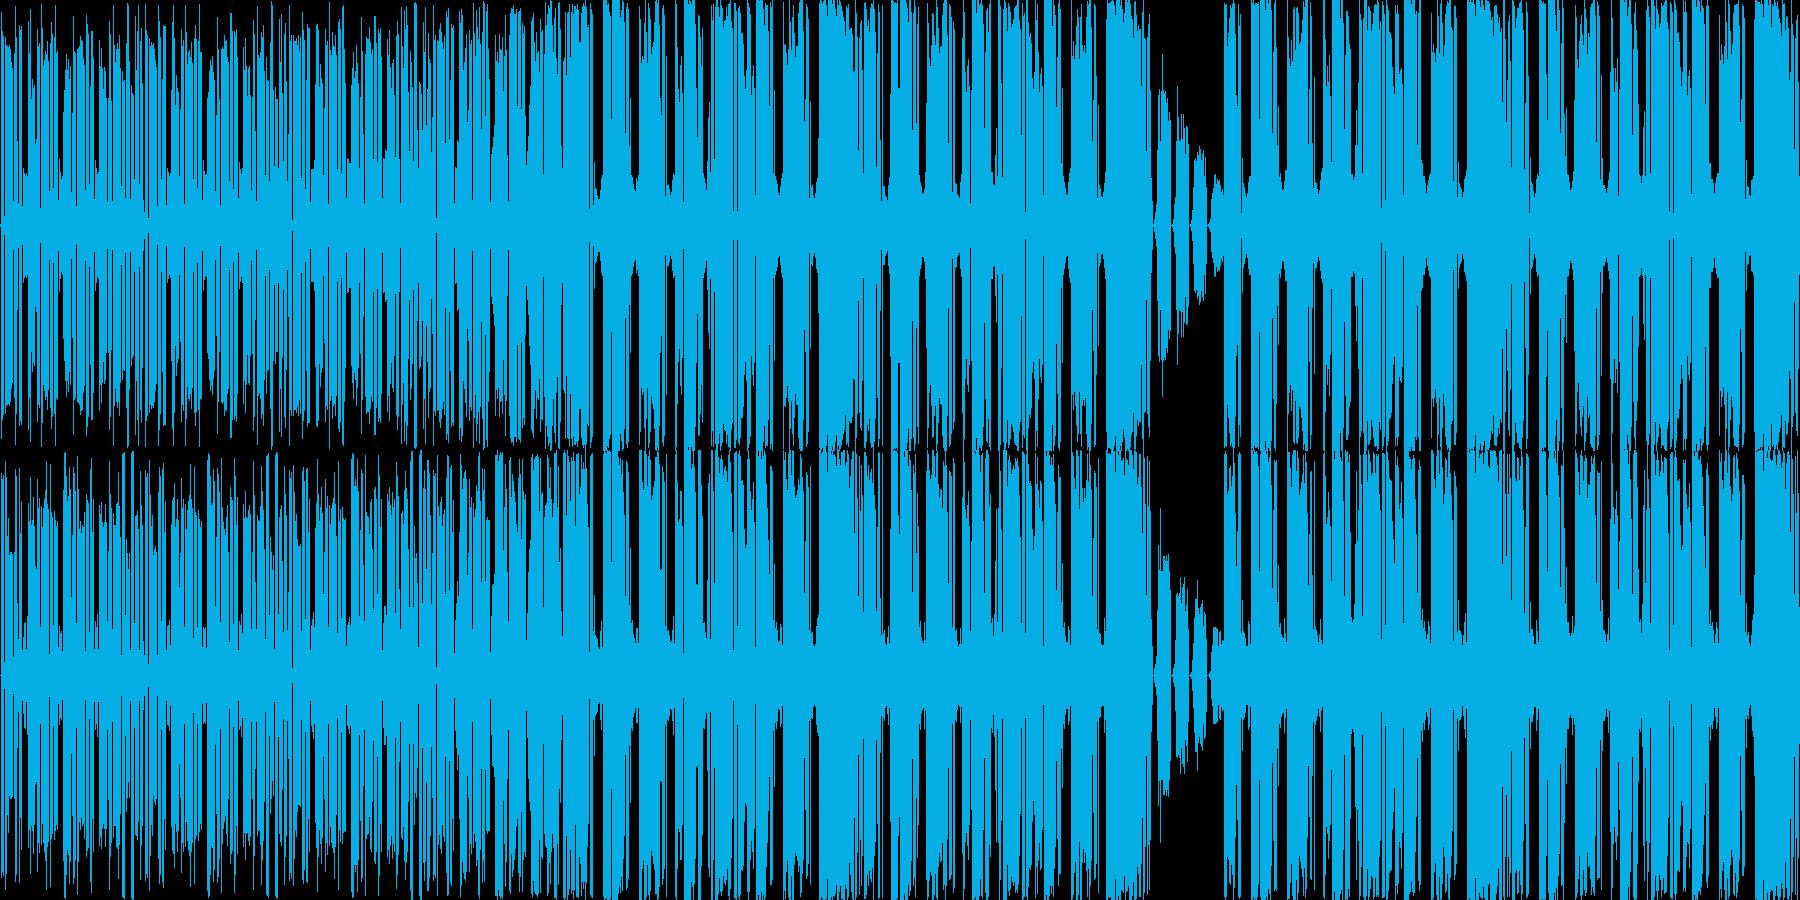 【サイバー/近未来/ダブステップ】の再生済みの波形